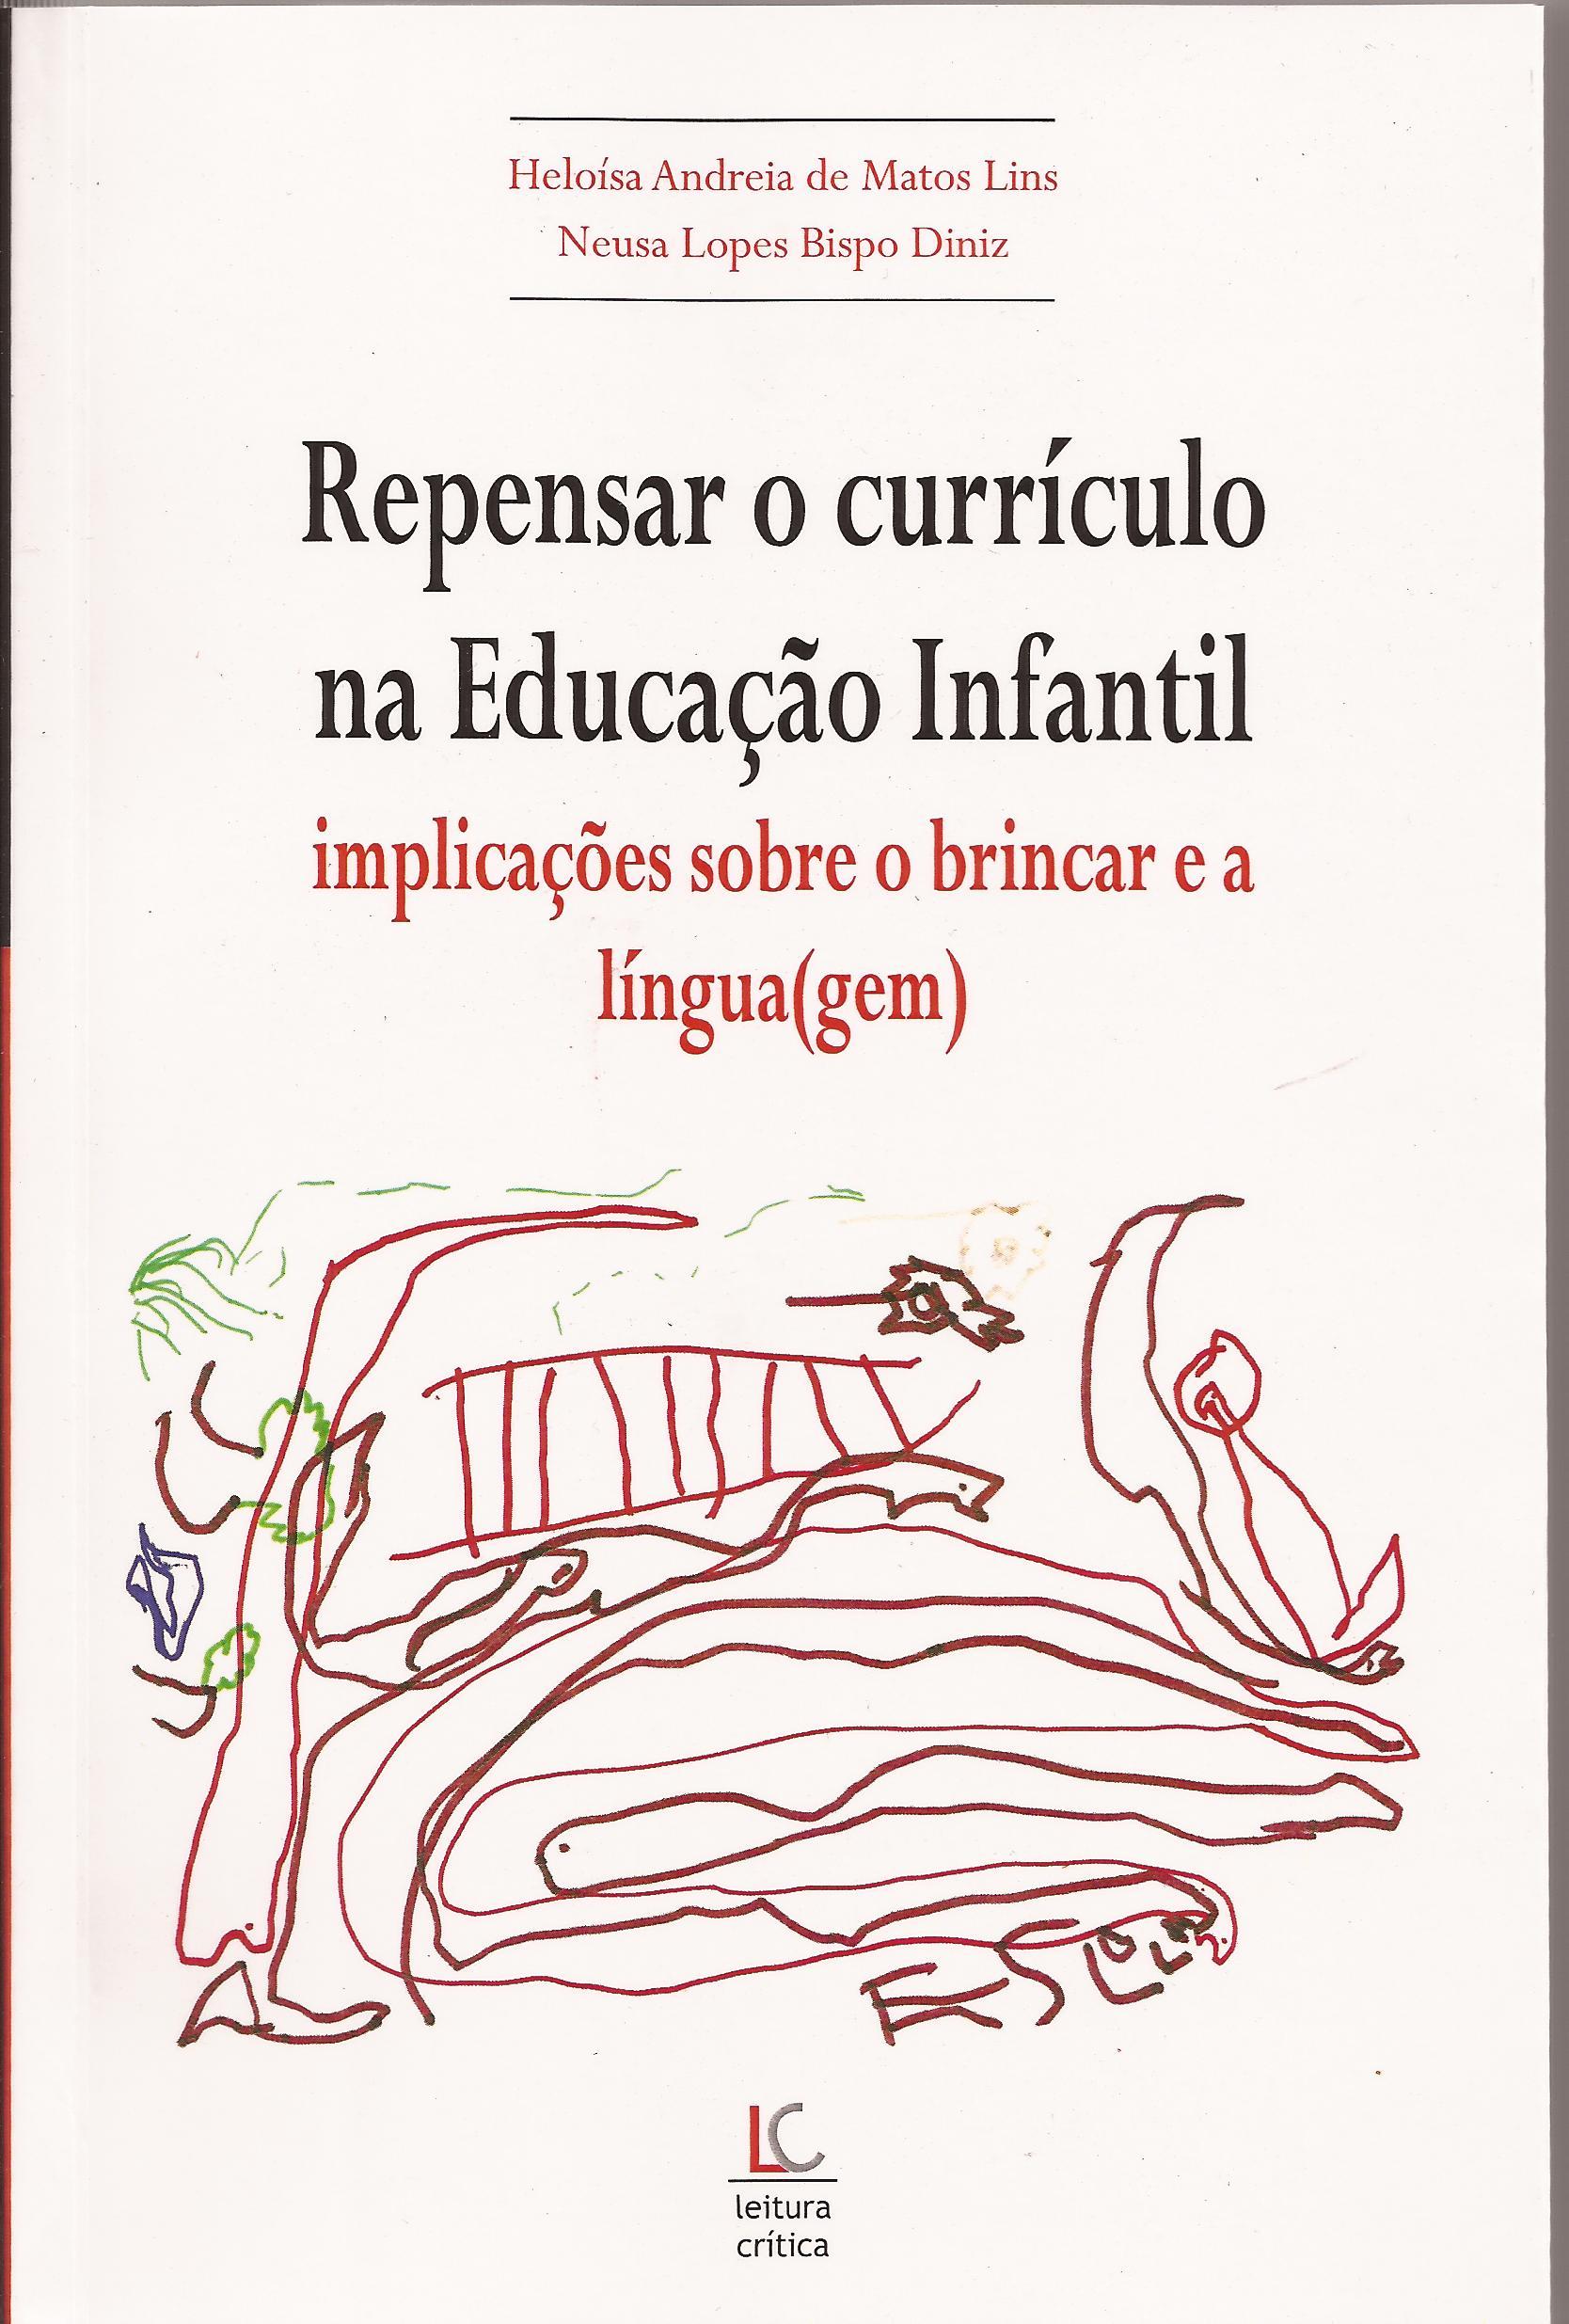 Repensar o currículo na Educação Infantil: implicações sobre o brincar e a língua(gem)